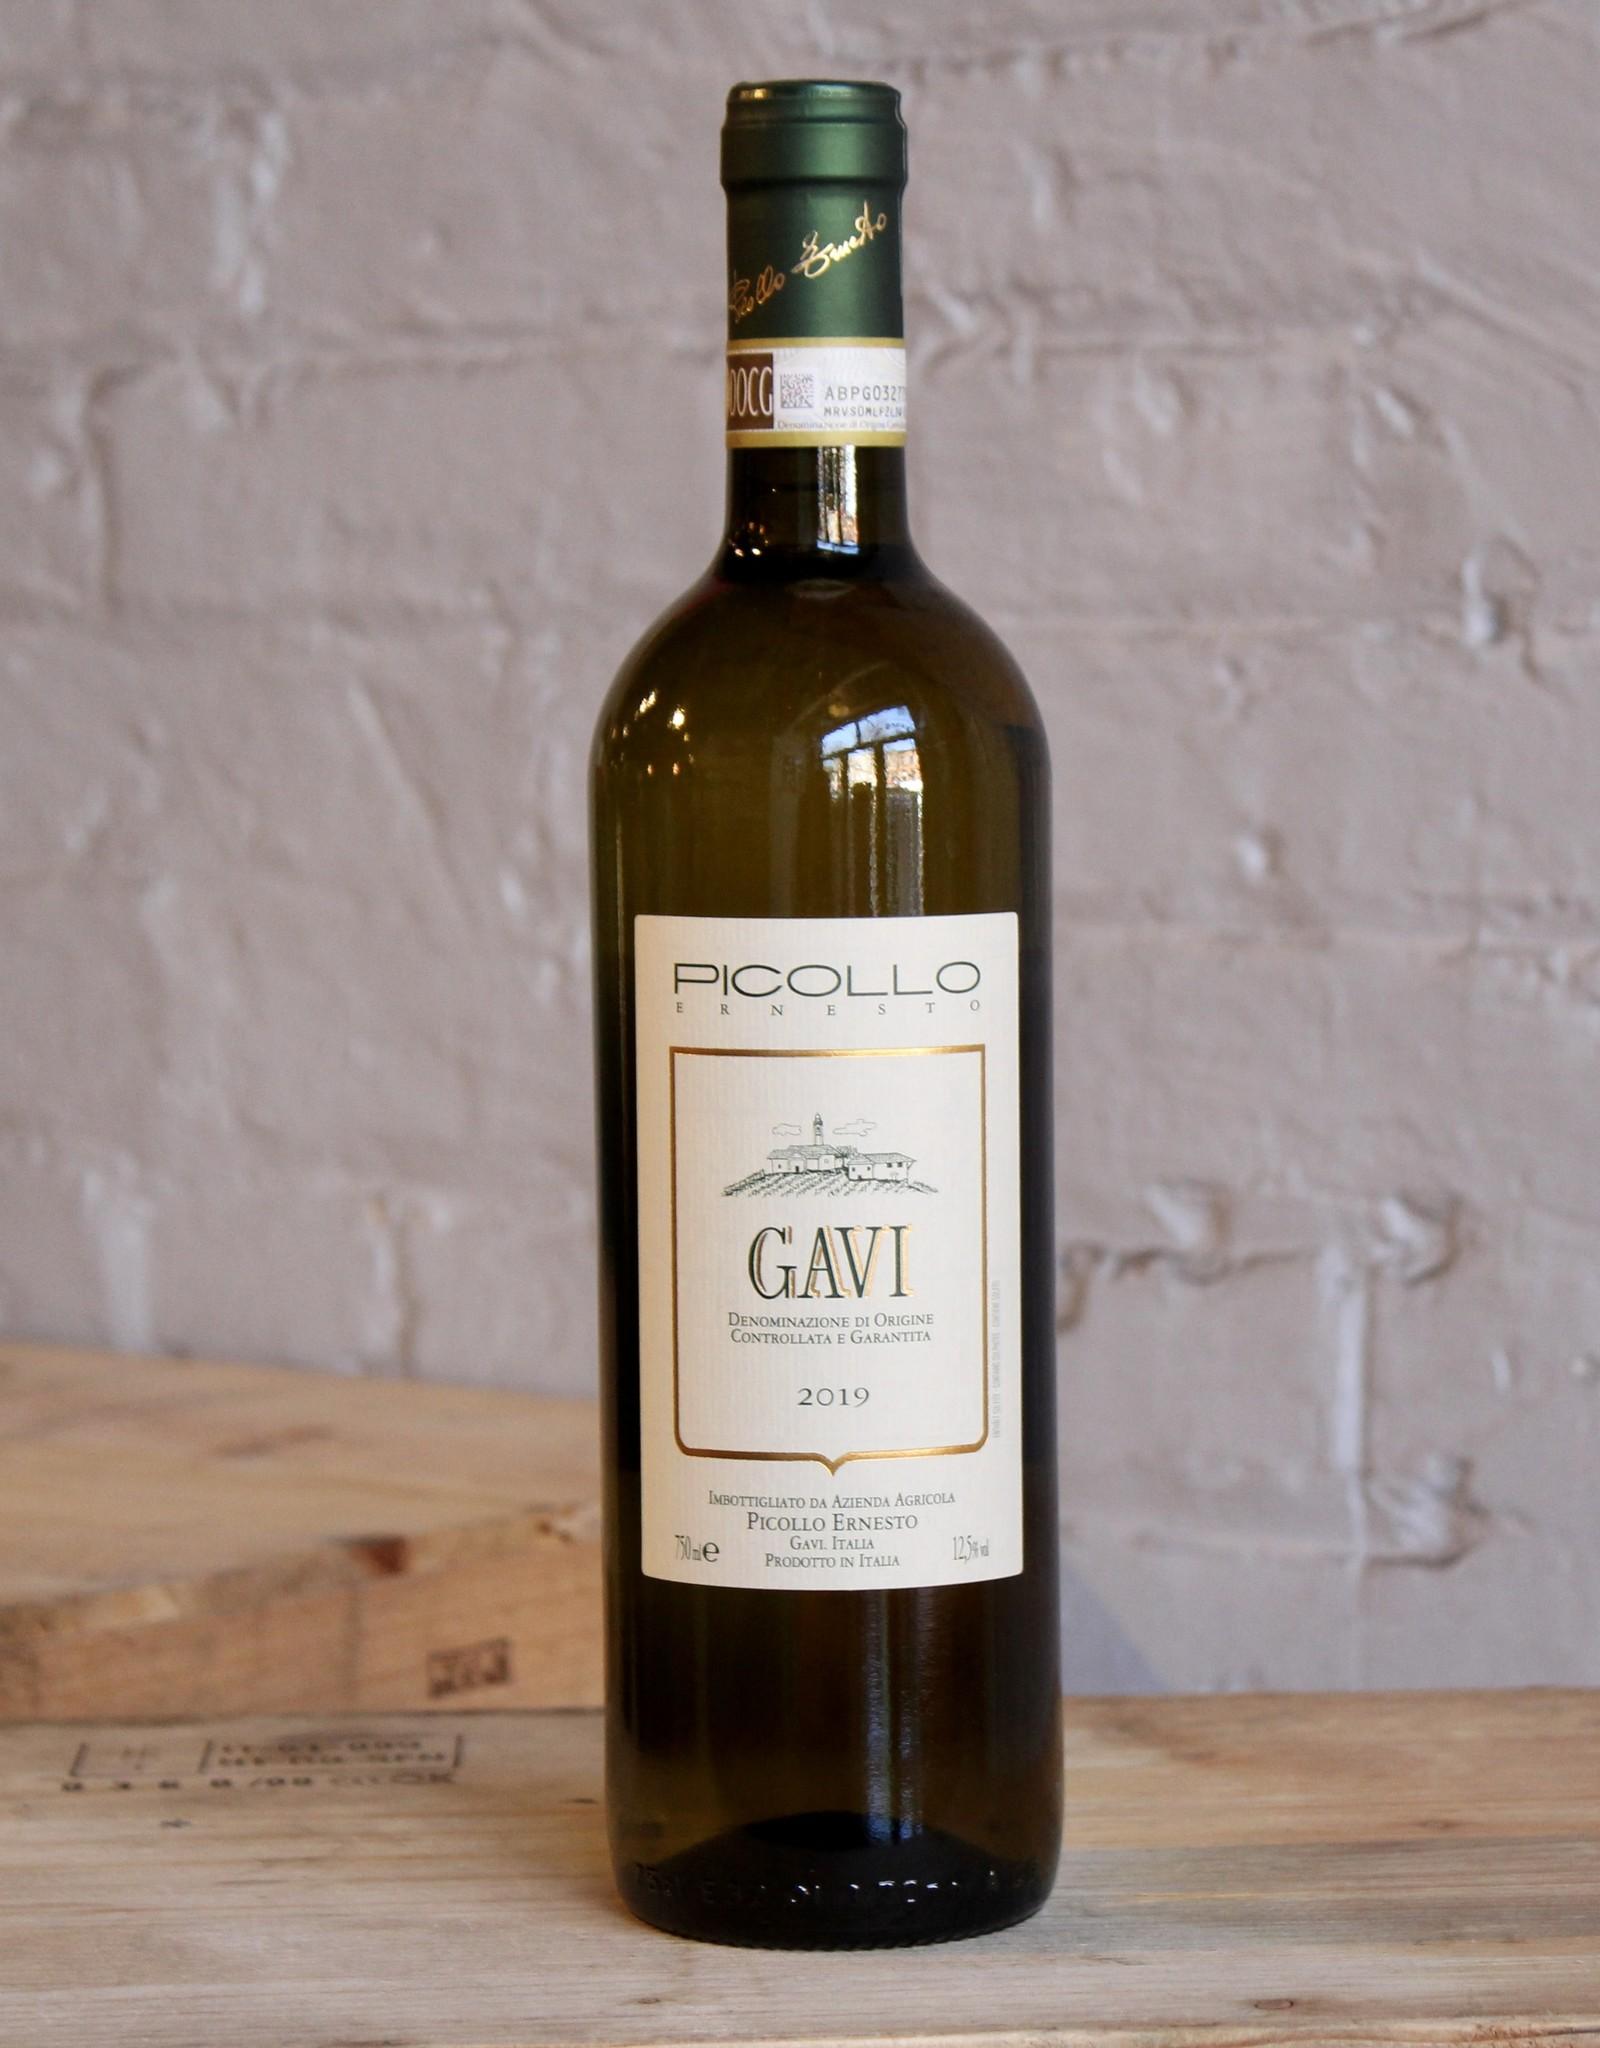 Wine 2020 Picollo Ernesto Gavi - Piedmont, Italy (750ml)